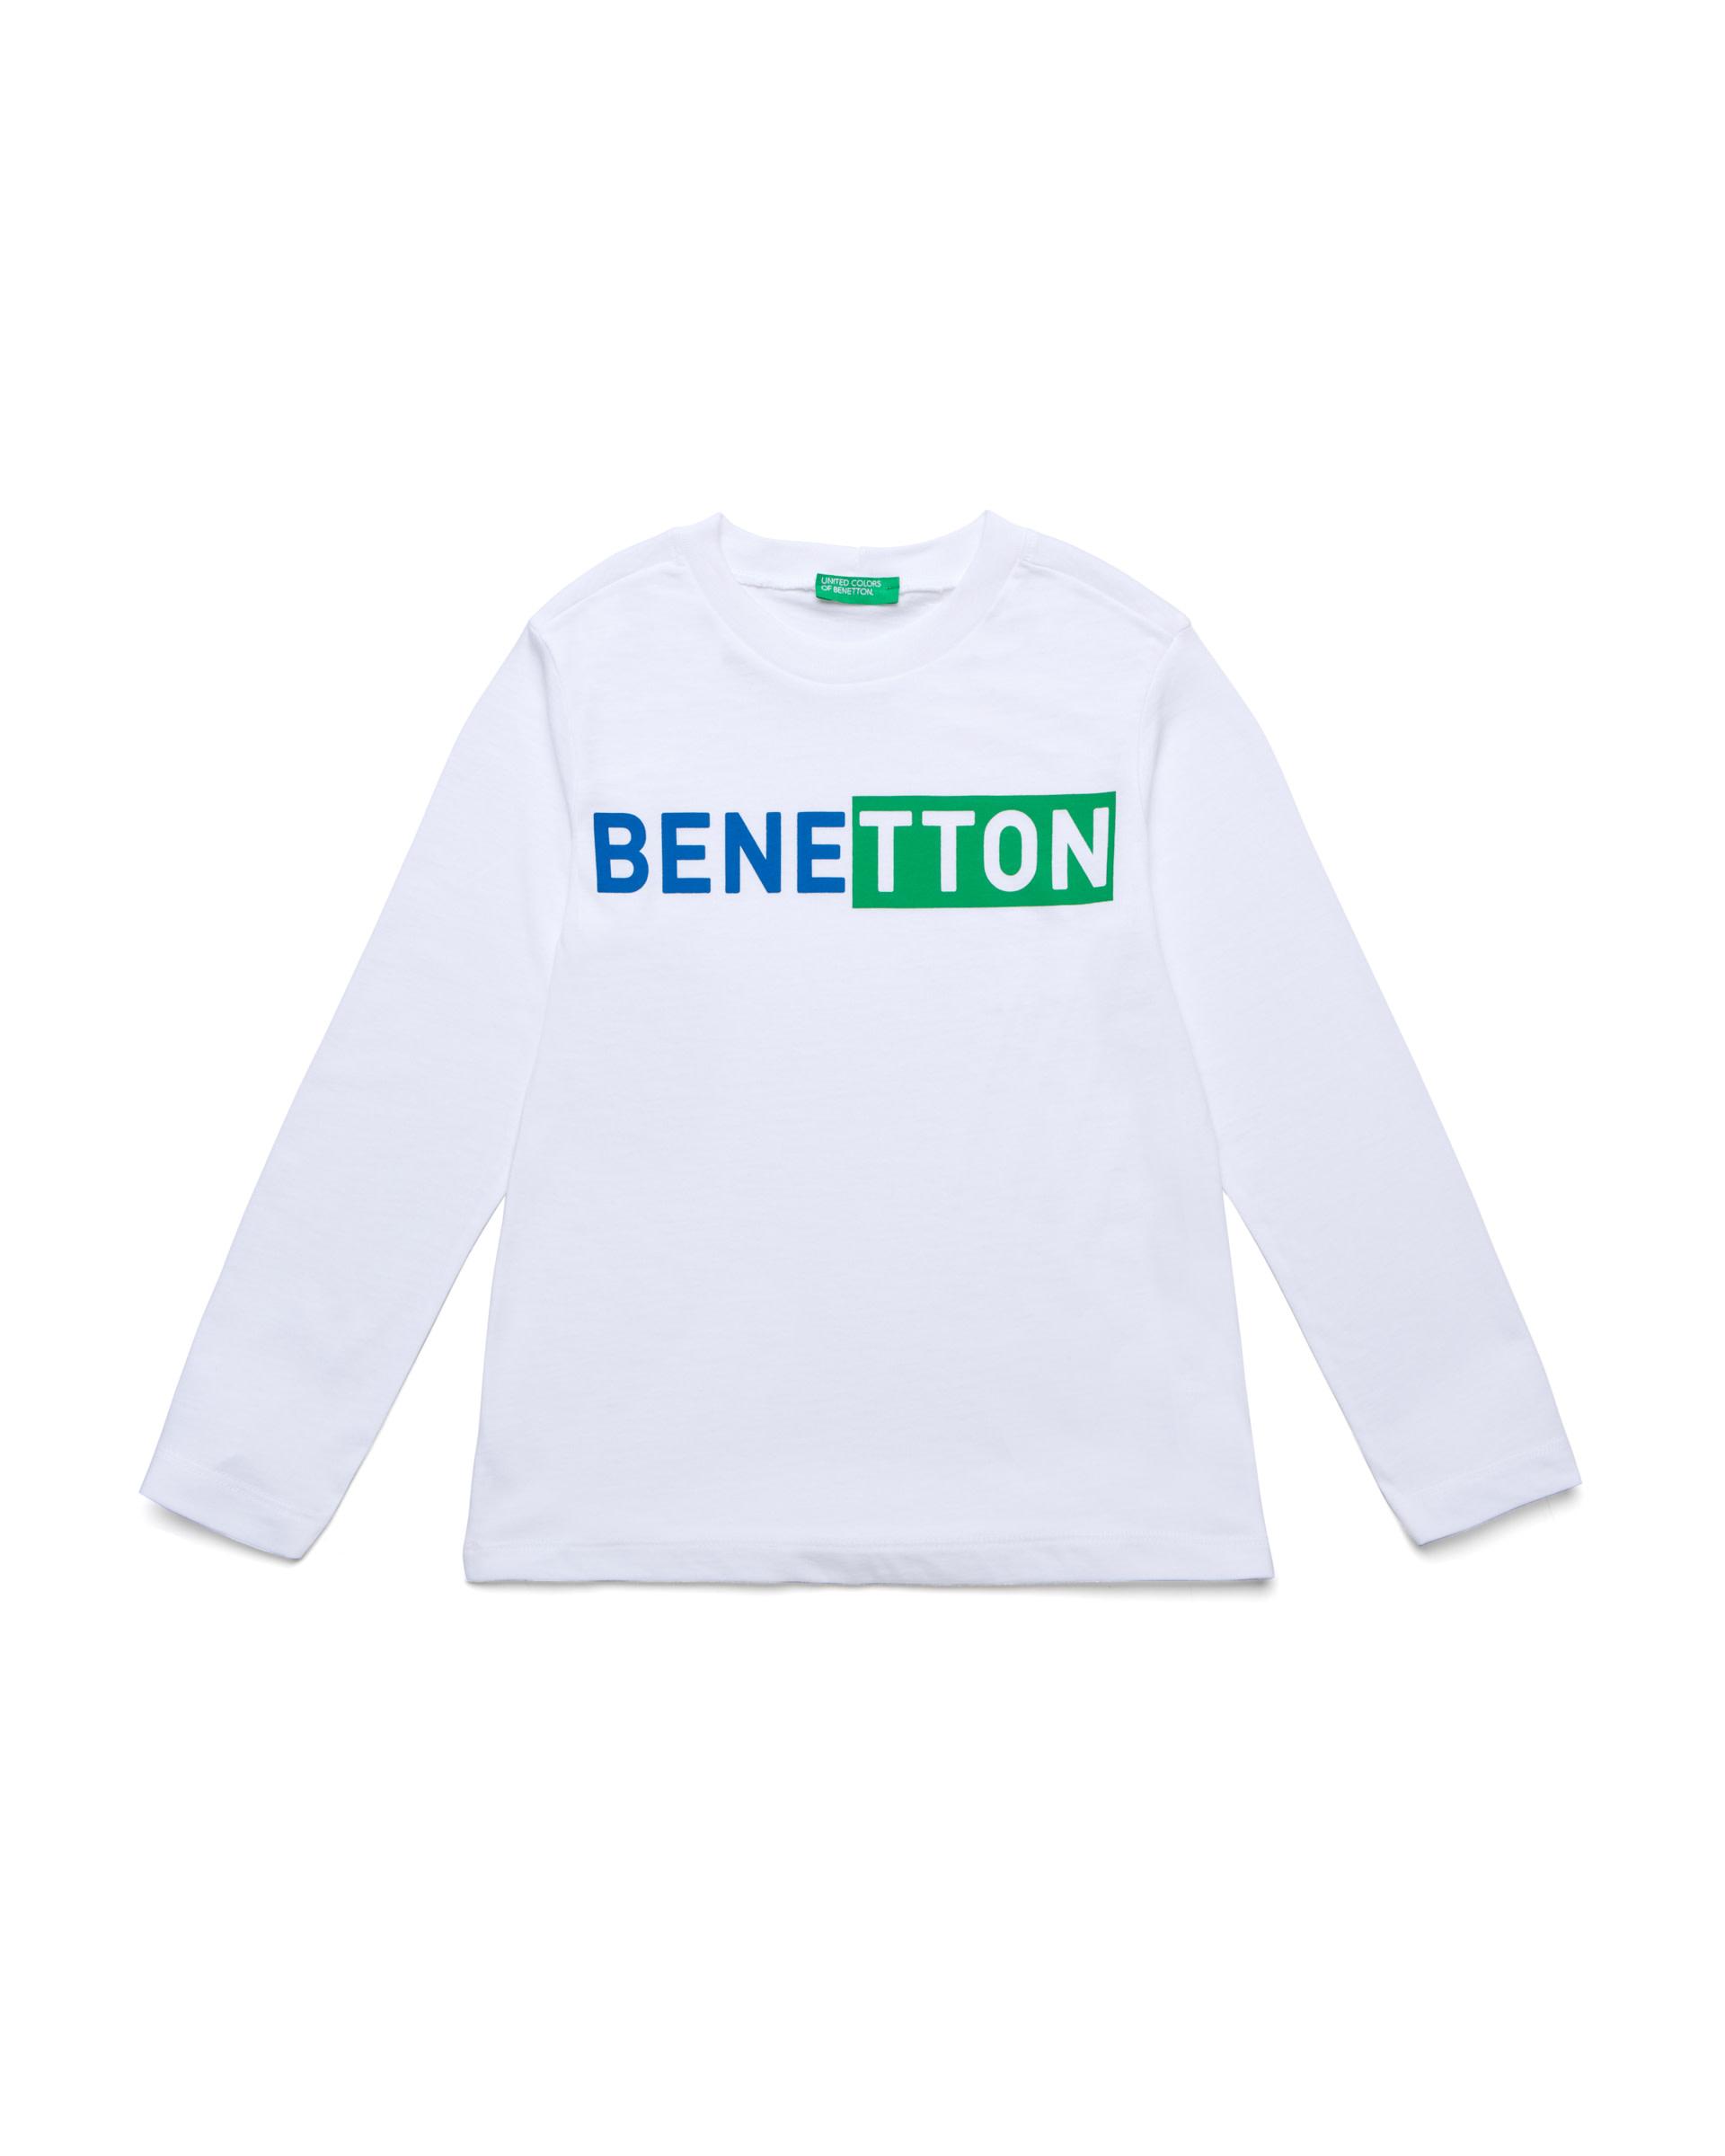 Купить 20P_3I1XC14IL_101, Футболка для мальчиков Benetton 3I1XC14IL_101 р-р 140, United Colors of Benetton, Футболки для мальчиков